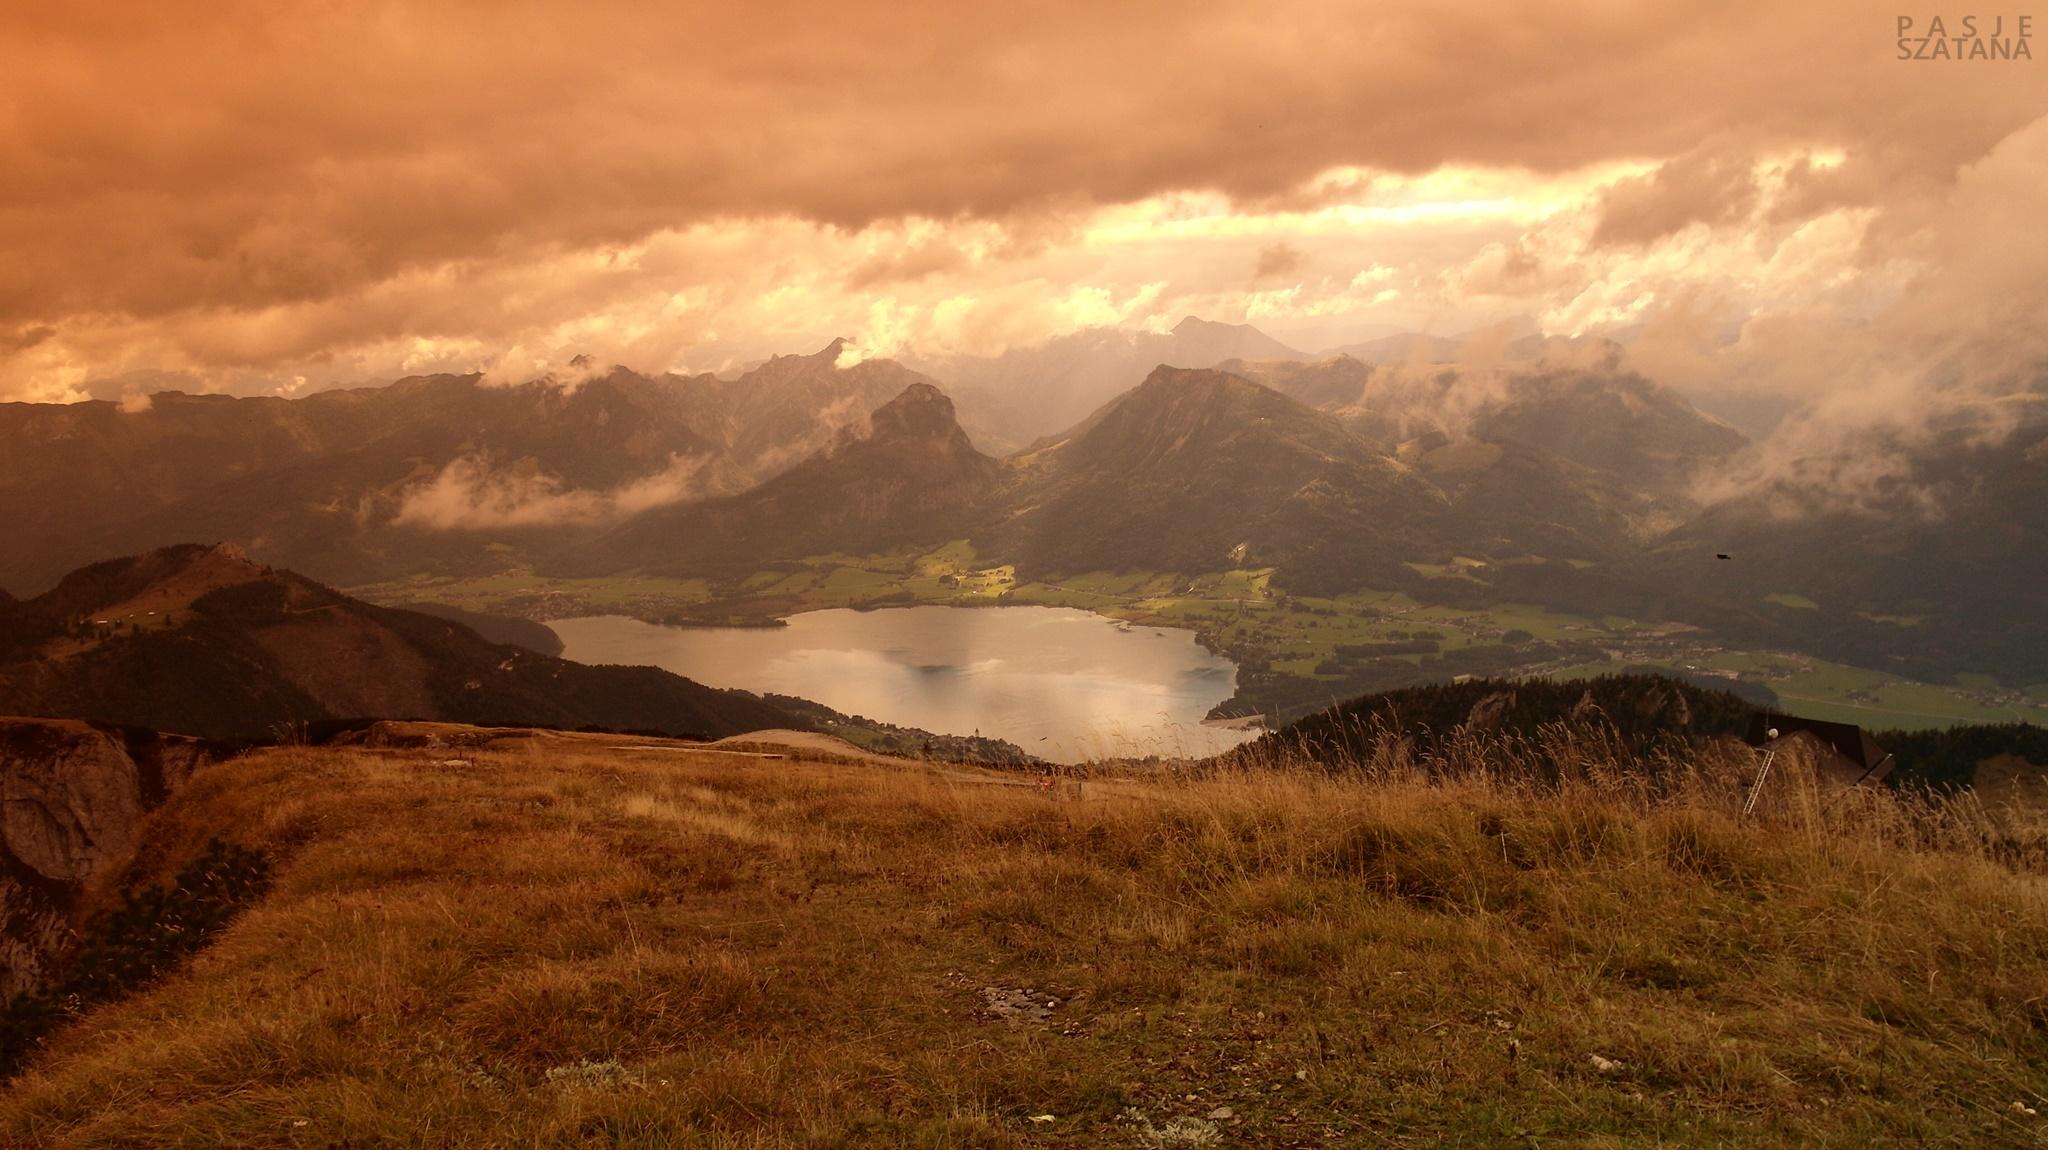 wolgangsee austria